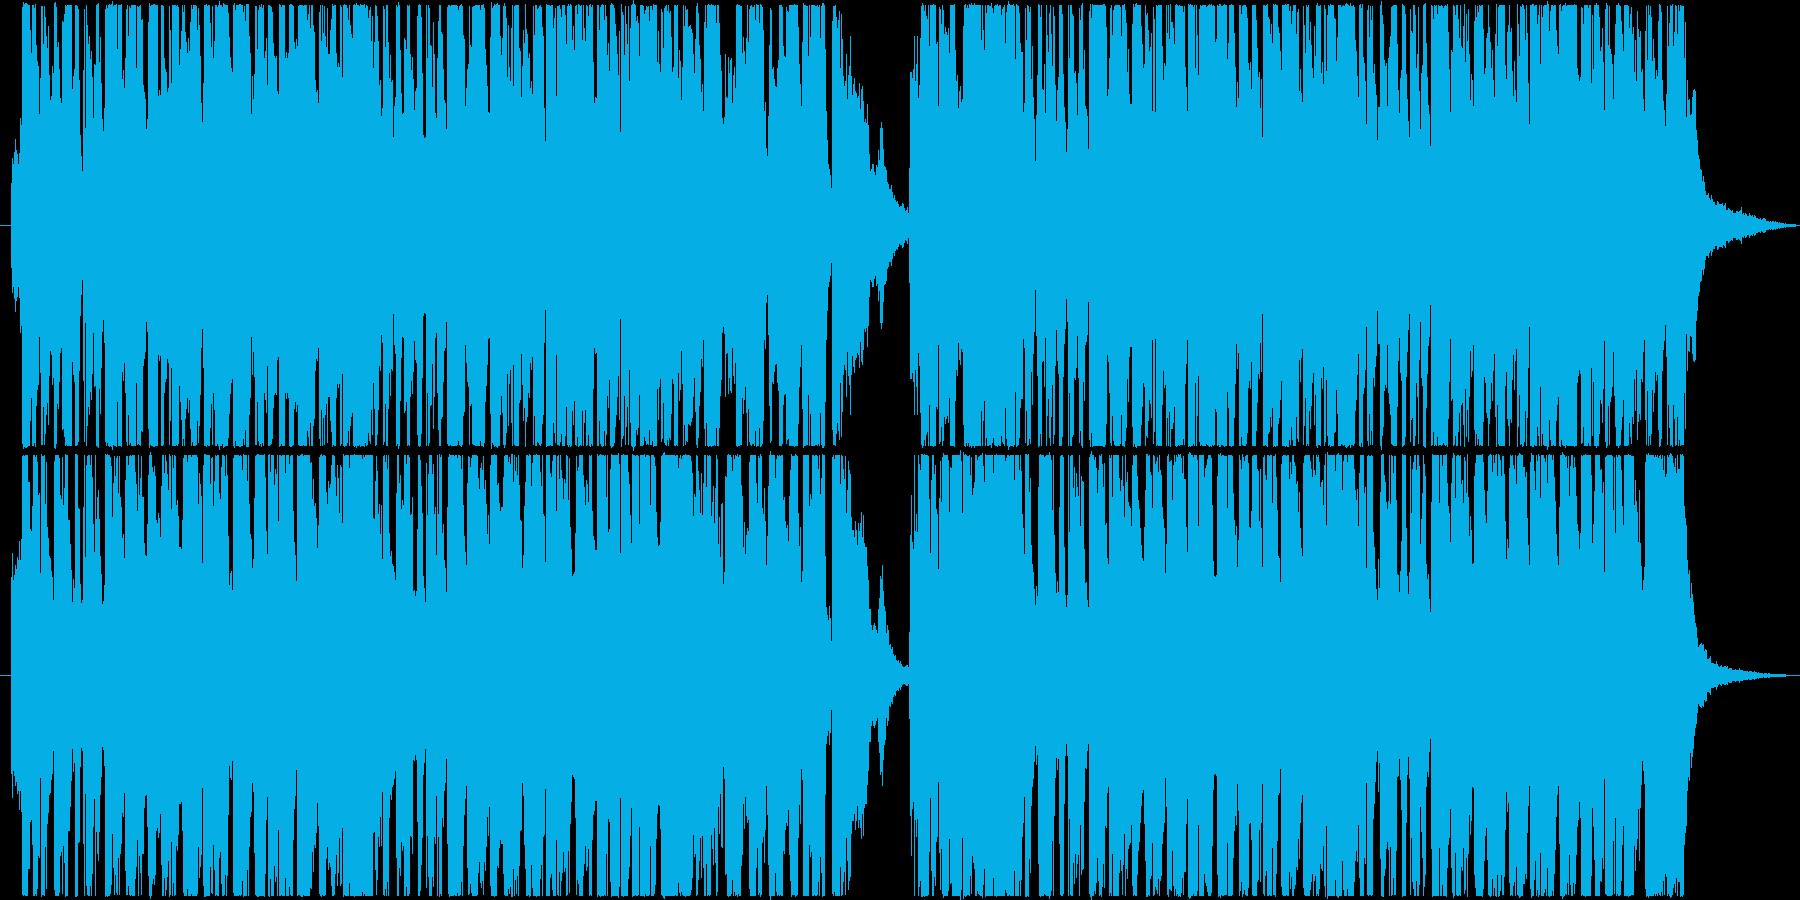 ポップで軽快なリズムの陽気で前向きな曲の再生済みの波形